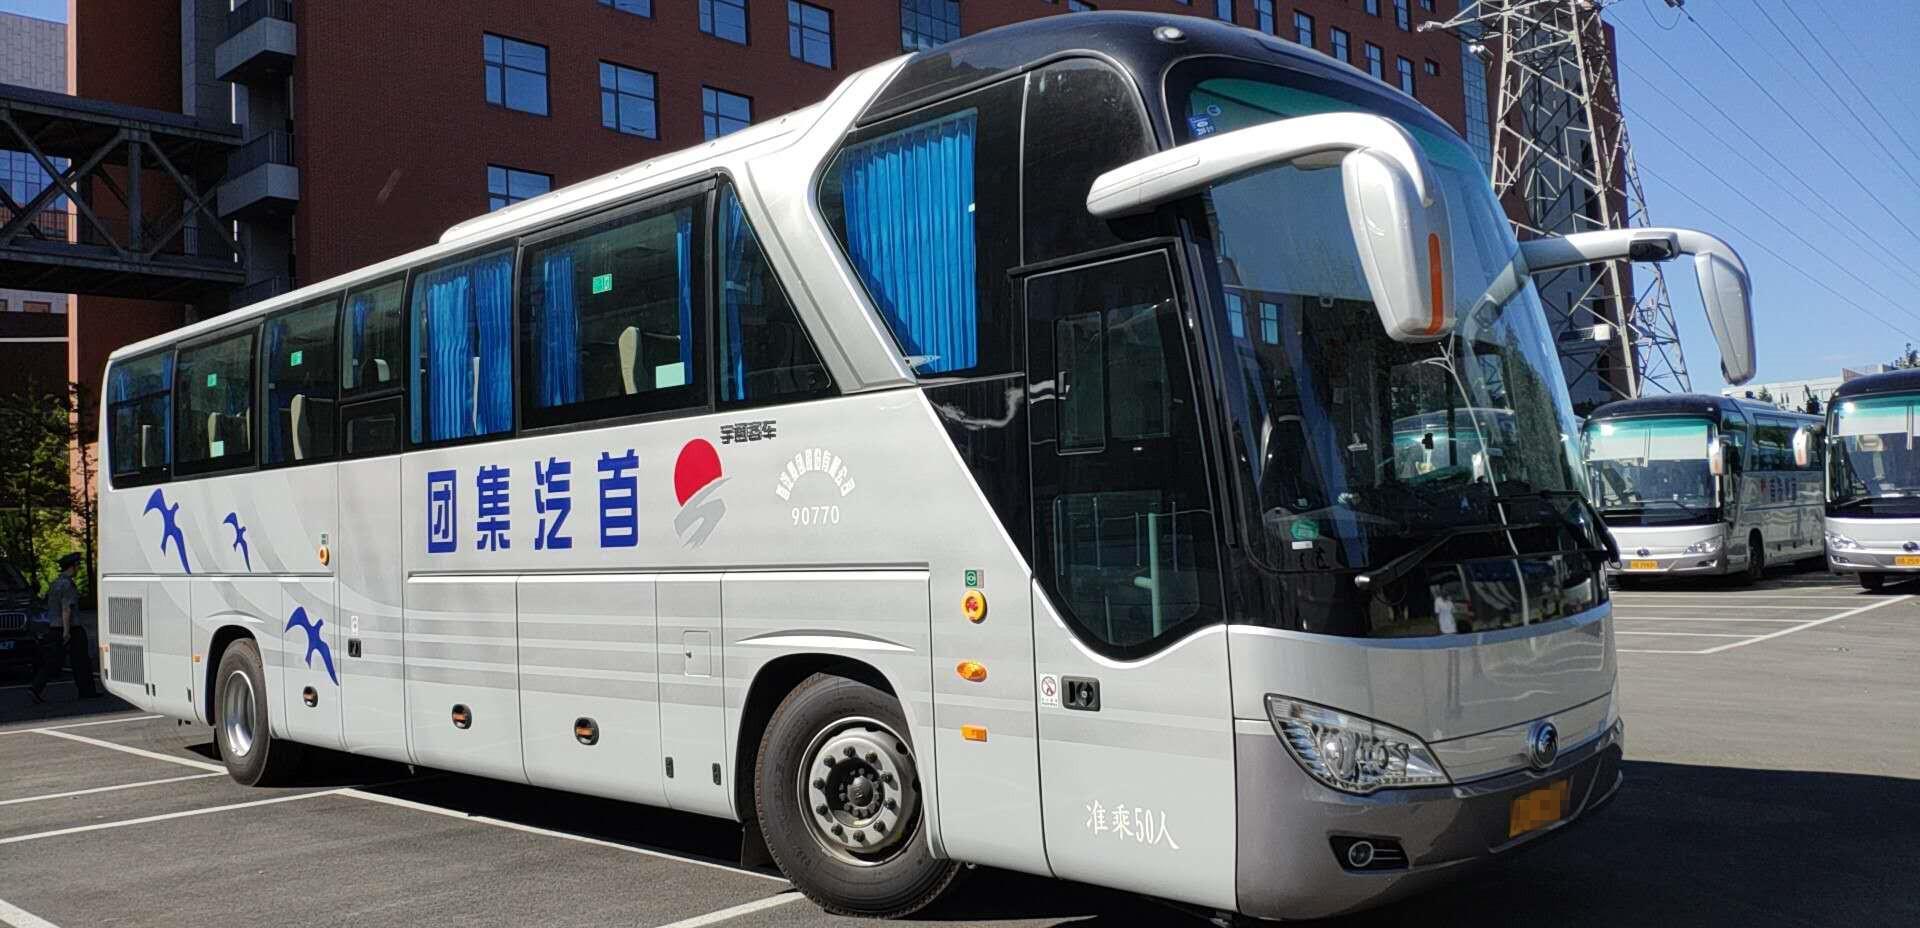 首汽租车丨北京到五台山旅游大巴租车包车_首汽租车电话-北京车牌